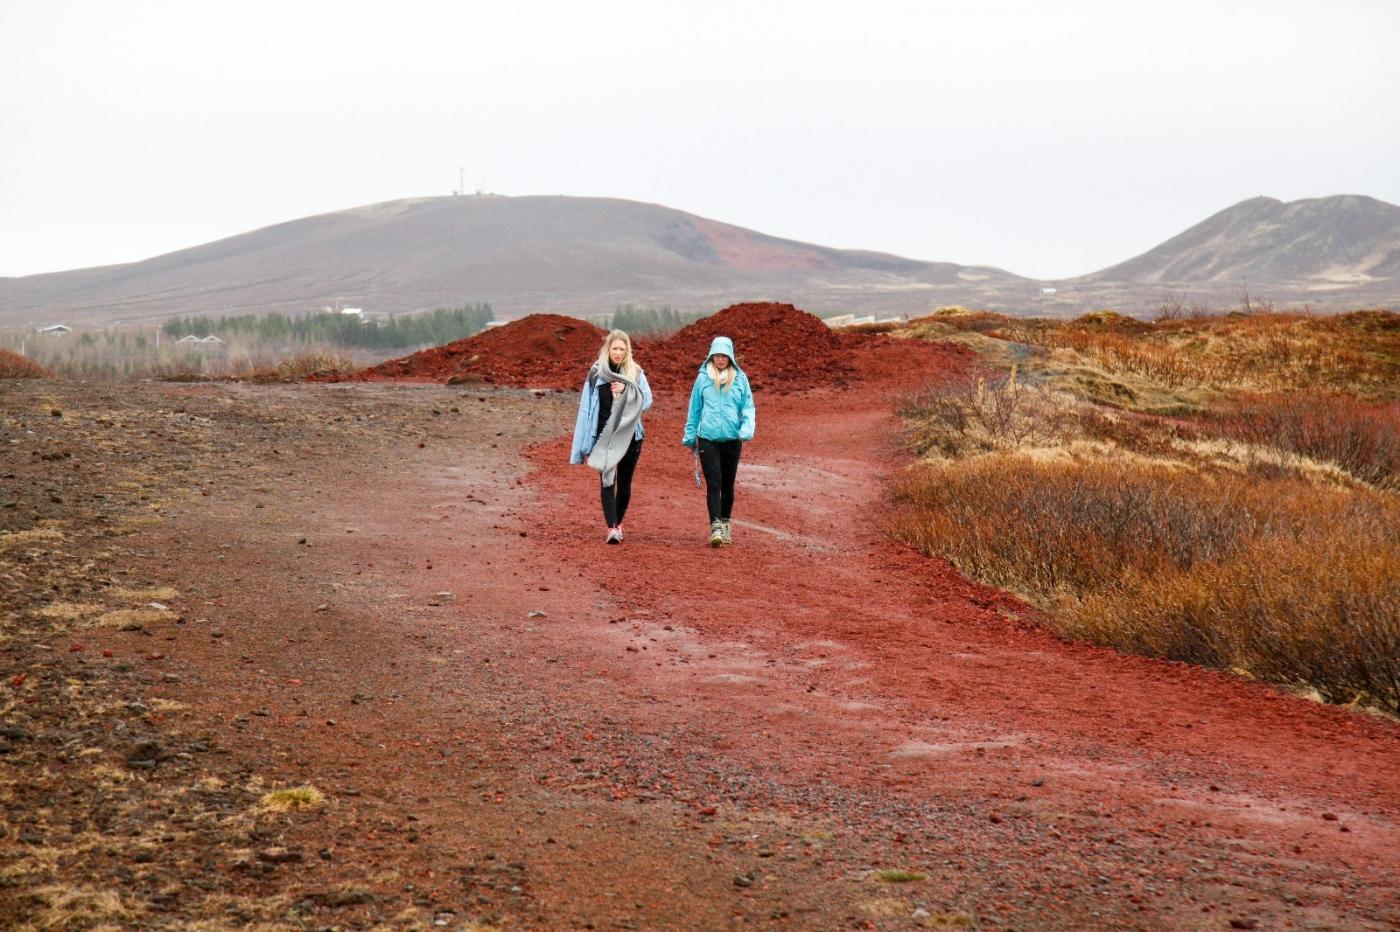 冰岛热带温泉美景,游客流连忘返_图1-12